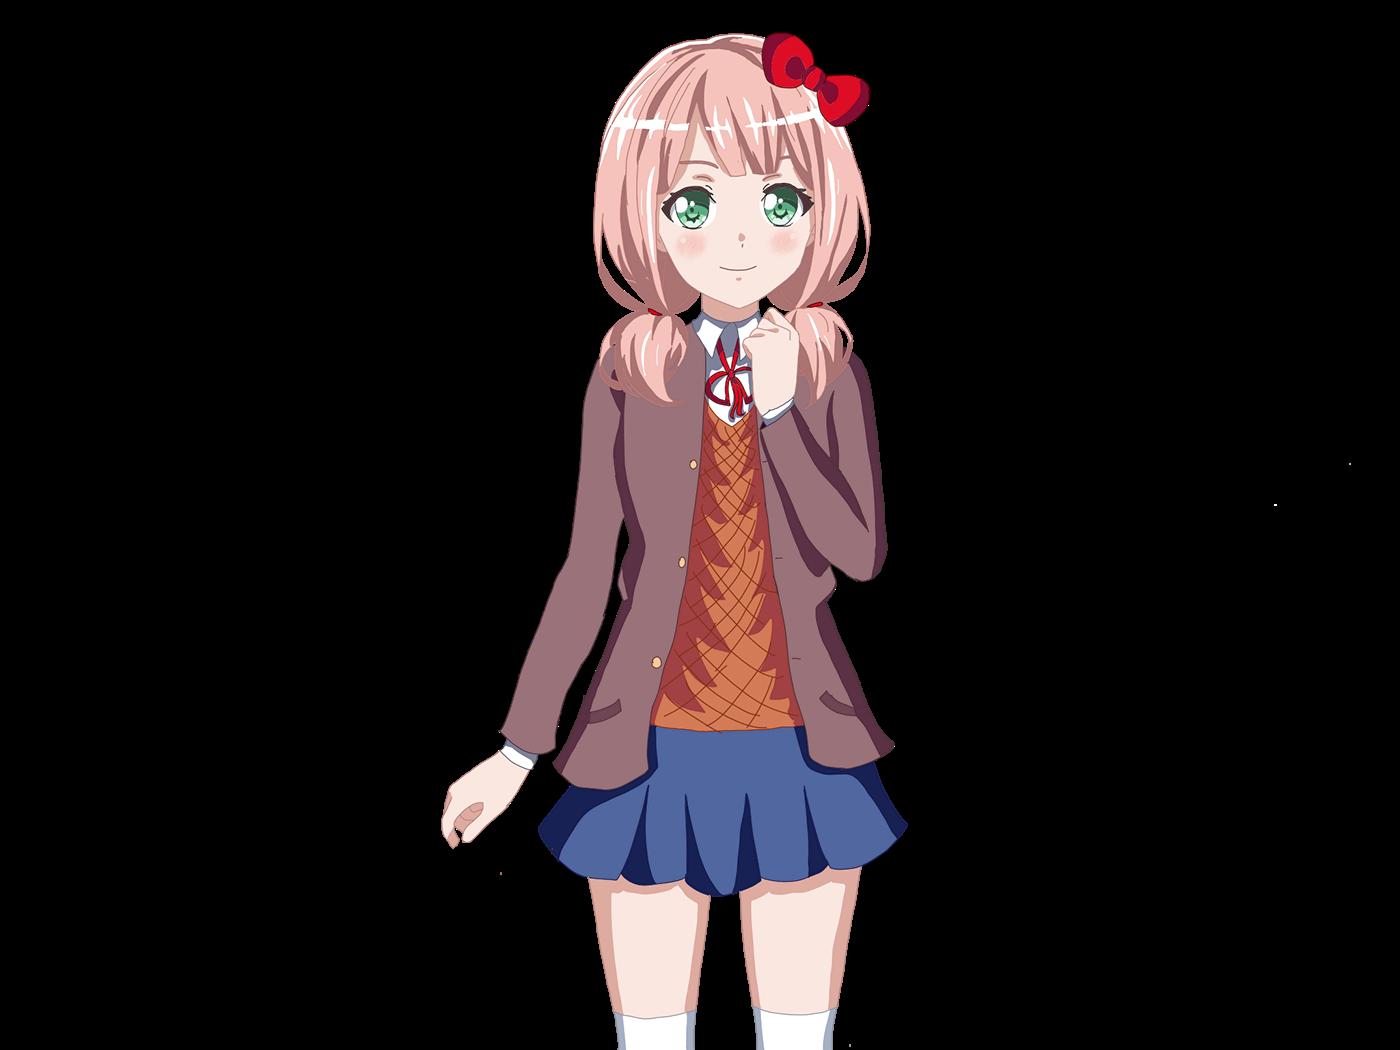 bandori DDLC Doki Doki Literature Club himari uehara outfit swap Sayori sayori ddlc Sprite Edit